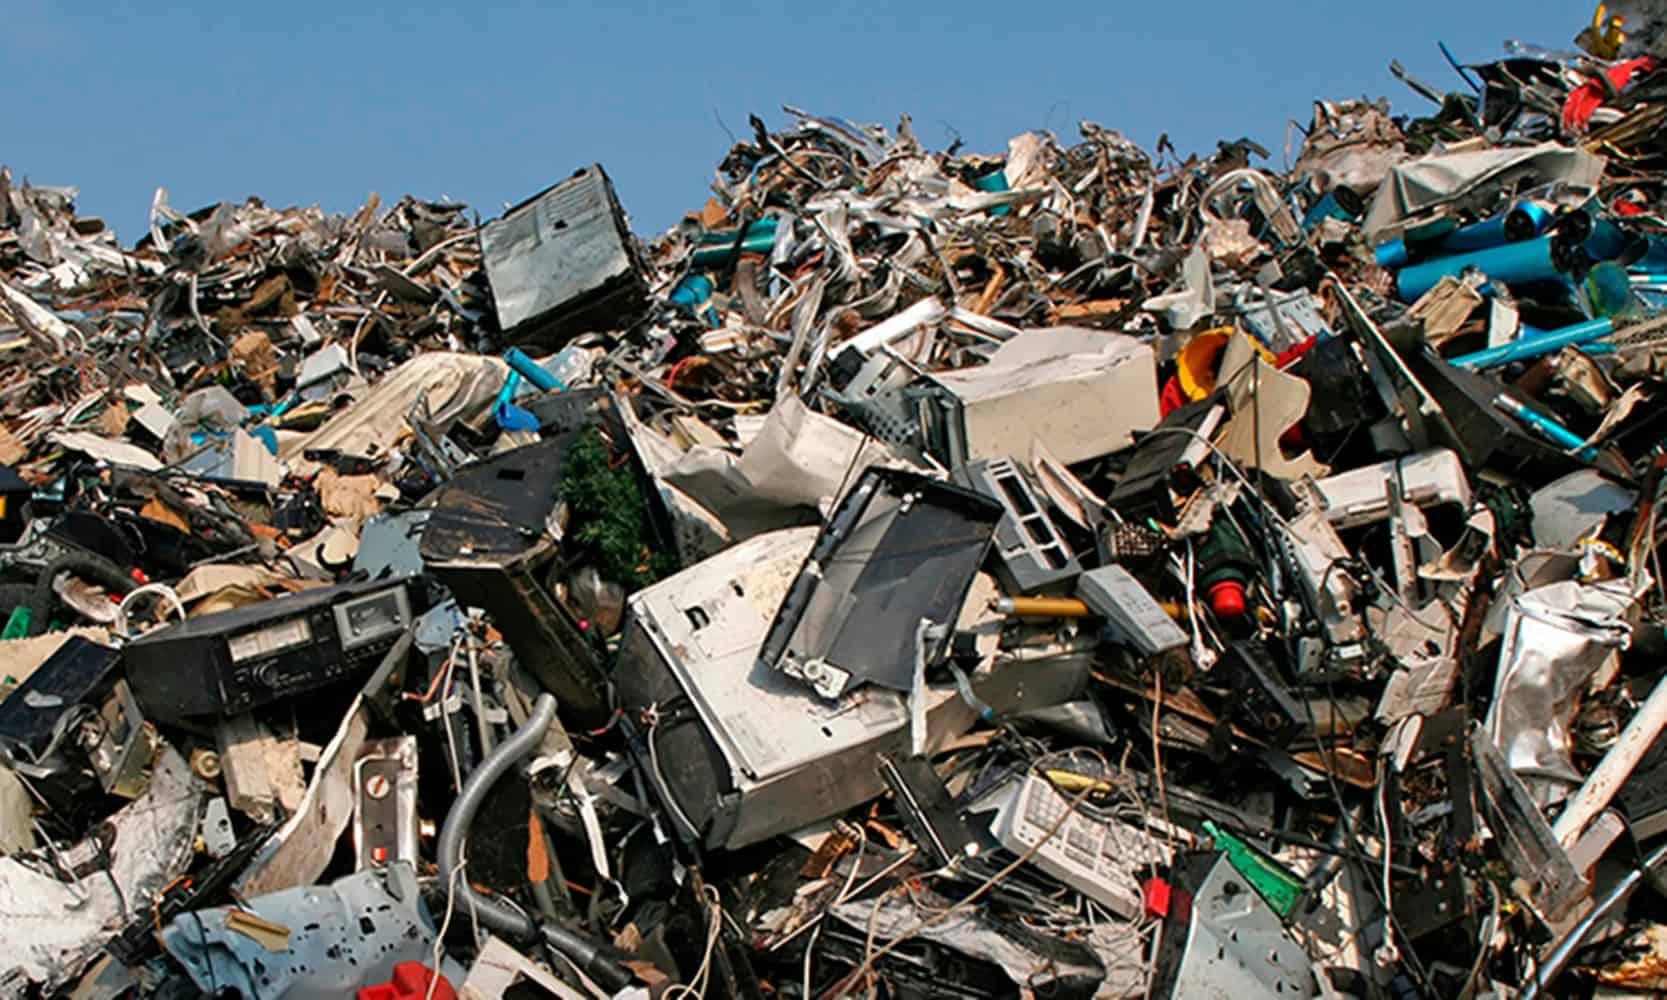 ¿Cómo se clasifica la basura electrónica?